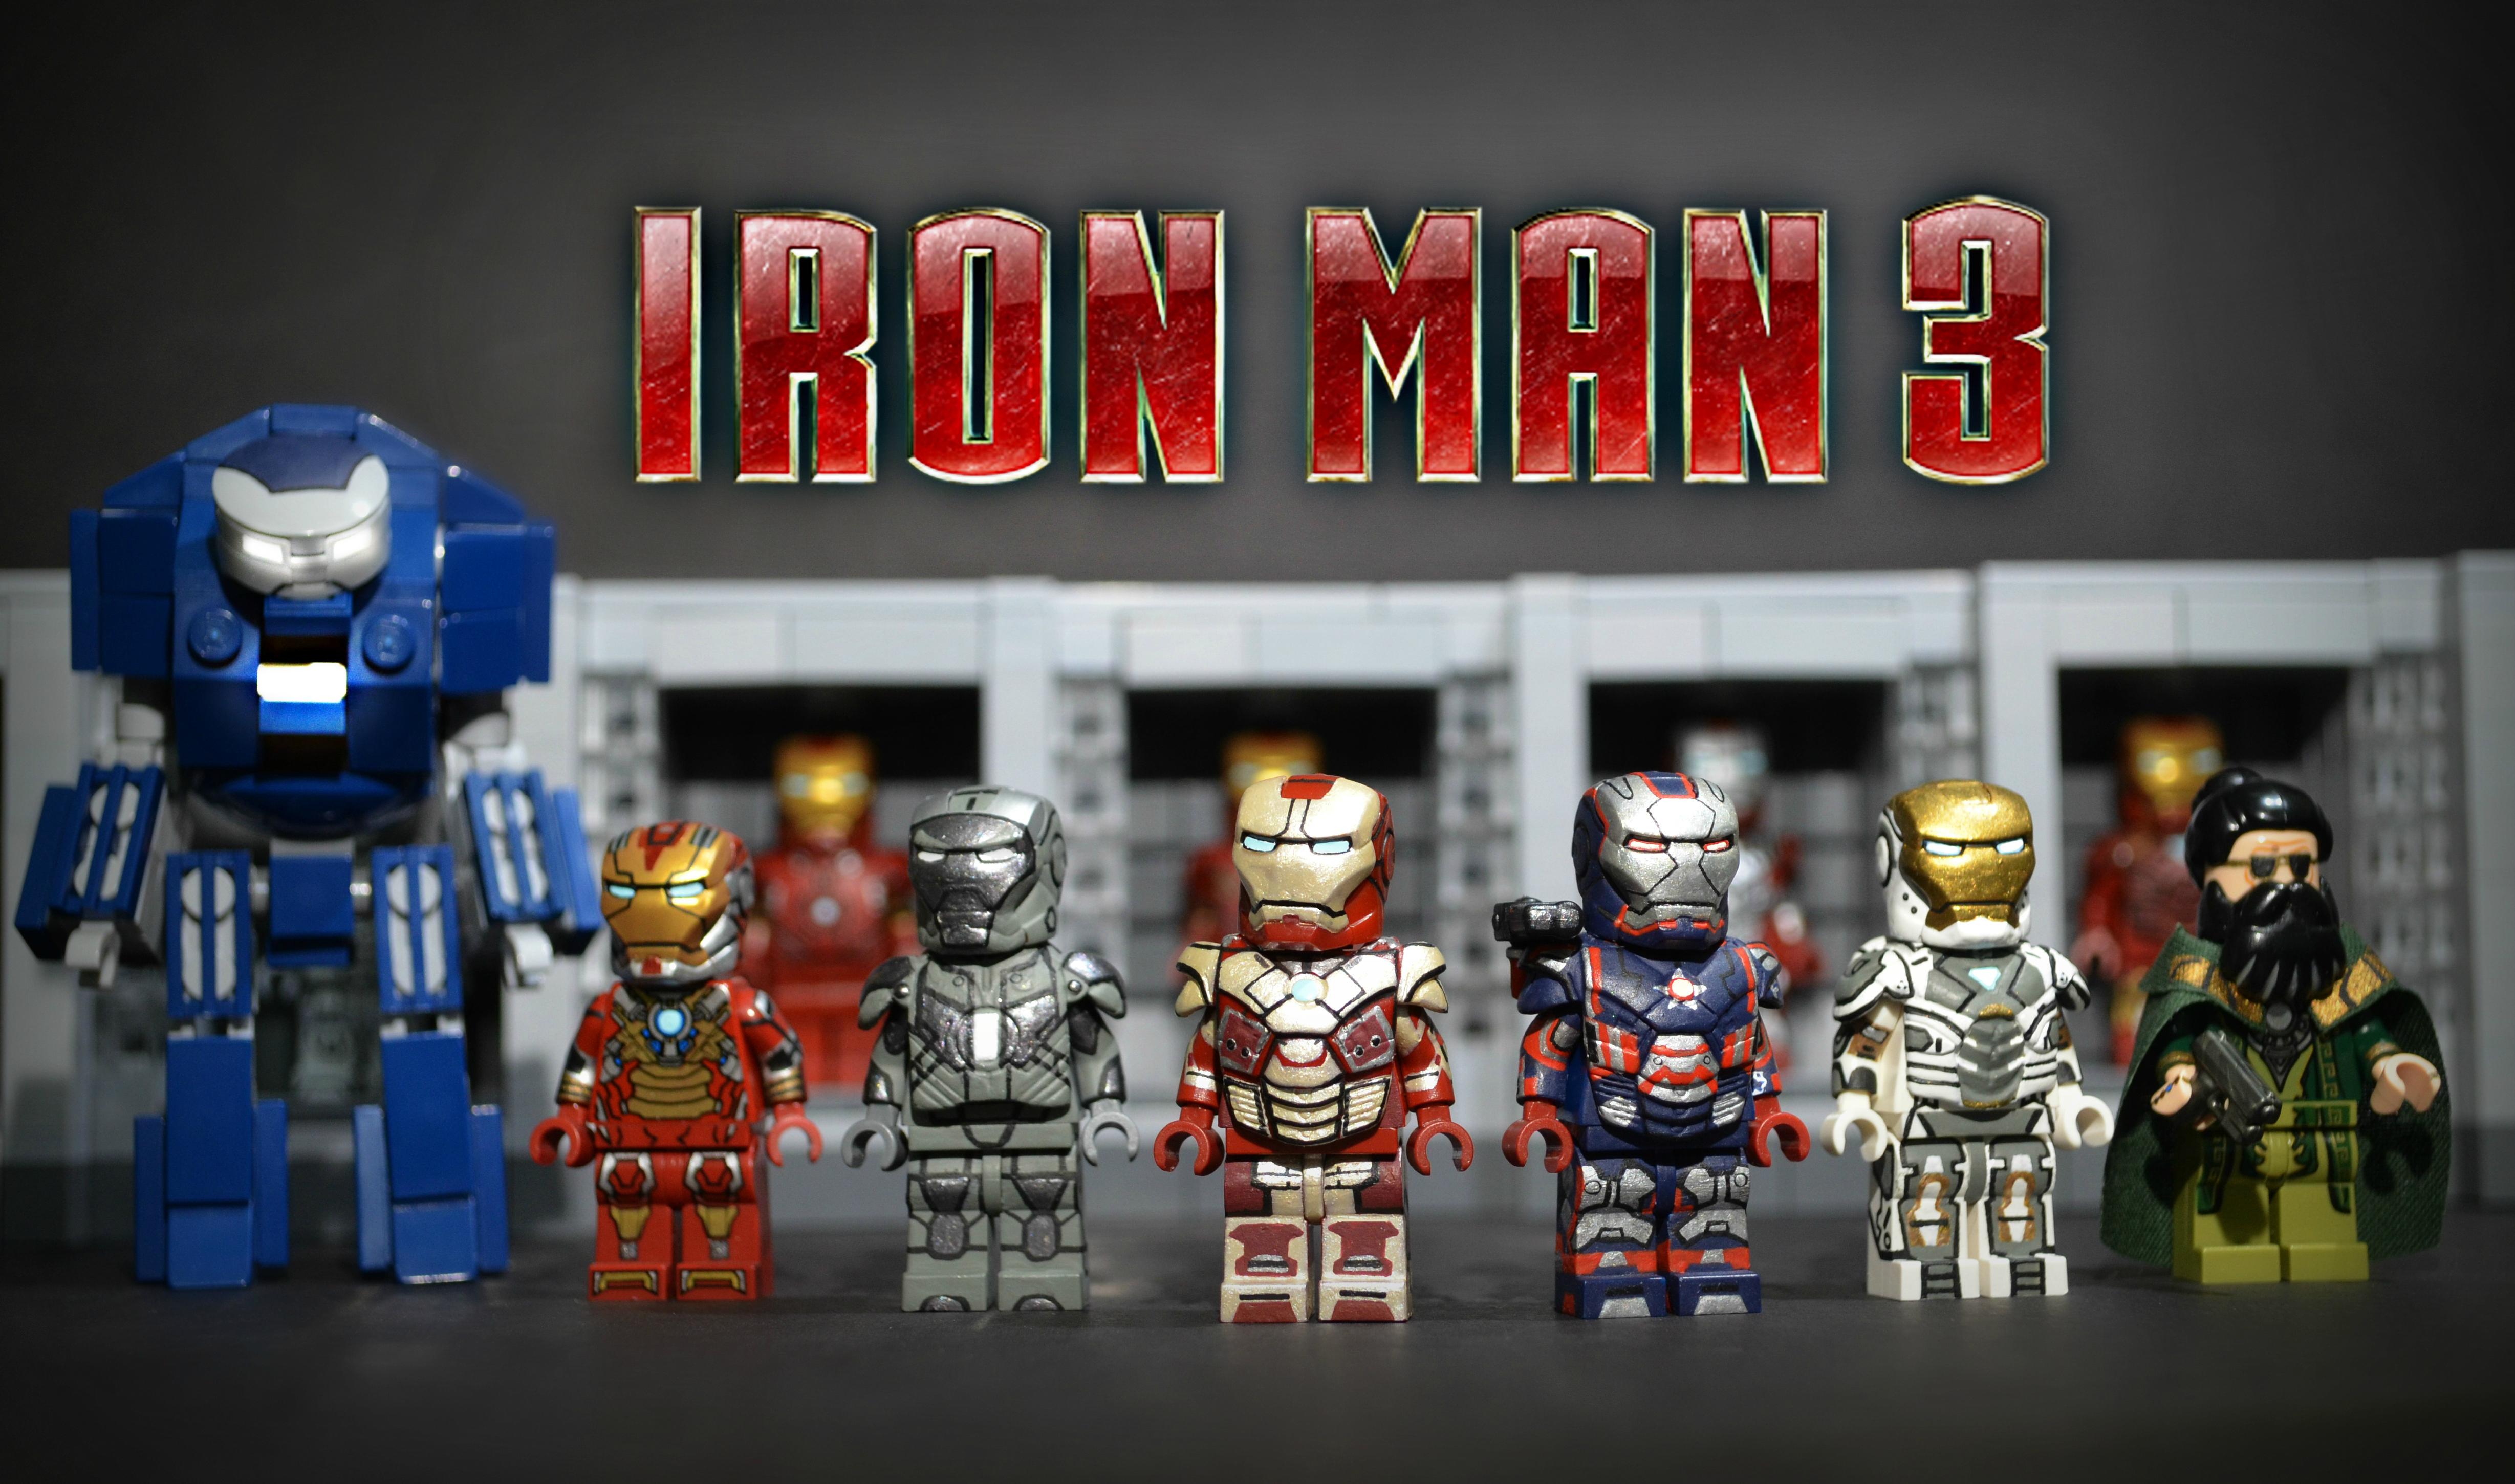 Lego Iron Man 3 Suits   www.imgkid.com - The Image Kid Has It!  Lego